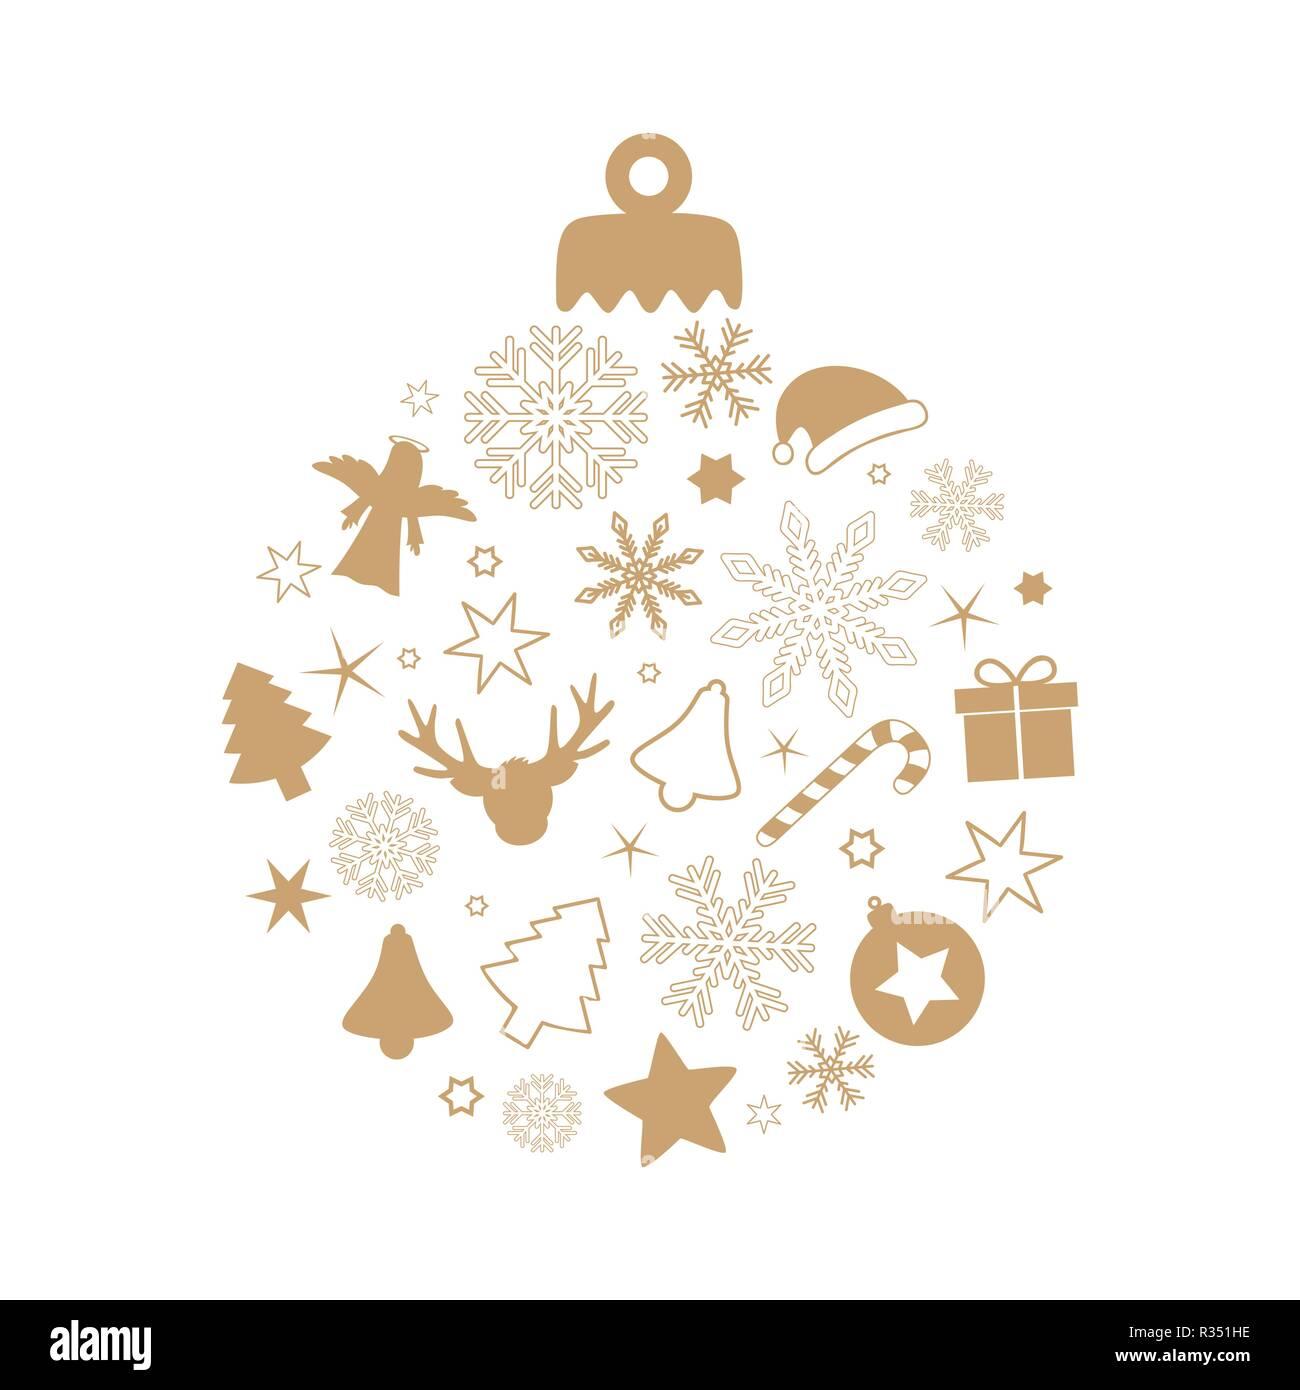 Pallina di natale con diversi simboli renne snowflake fir star candy cane dono angelo campana isolati su sfondo bianco Immagini Stock